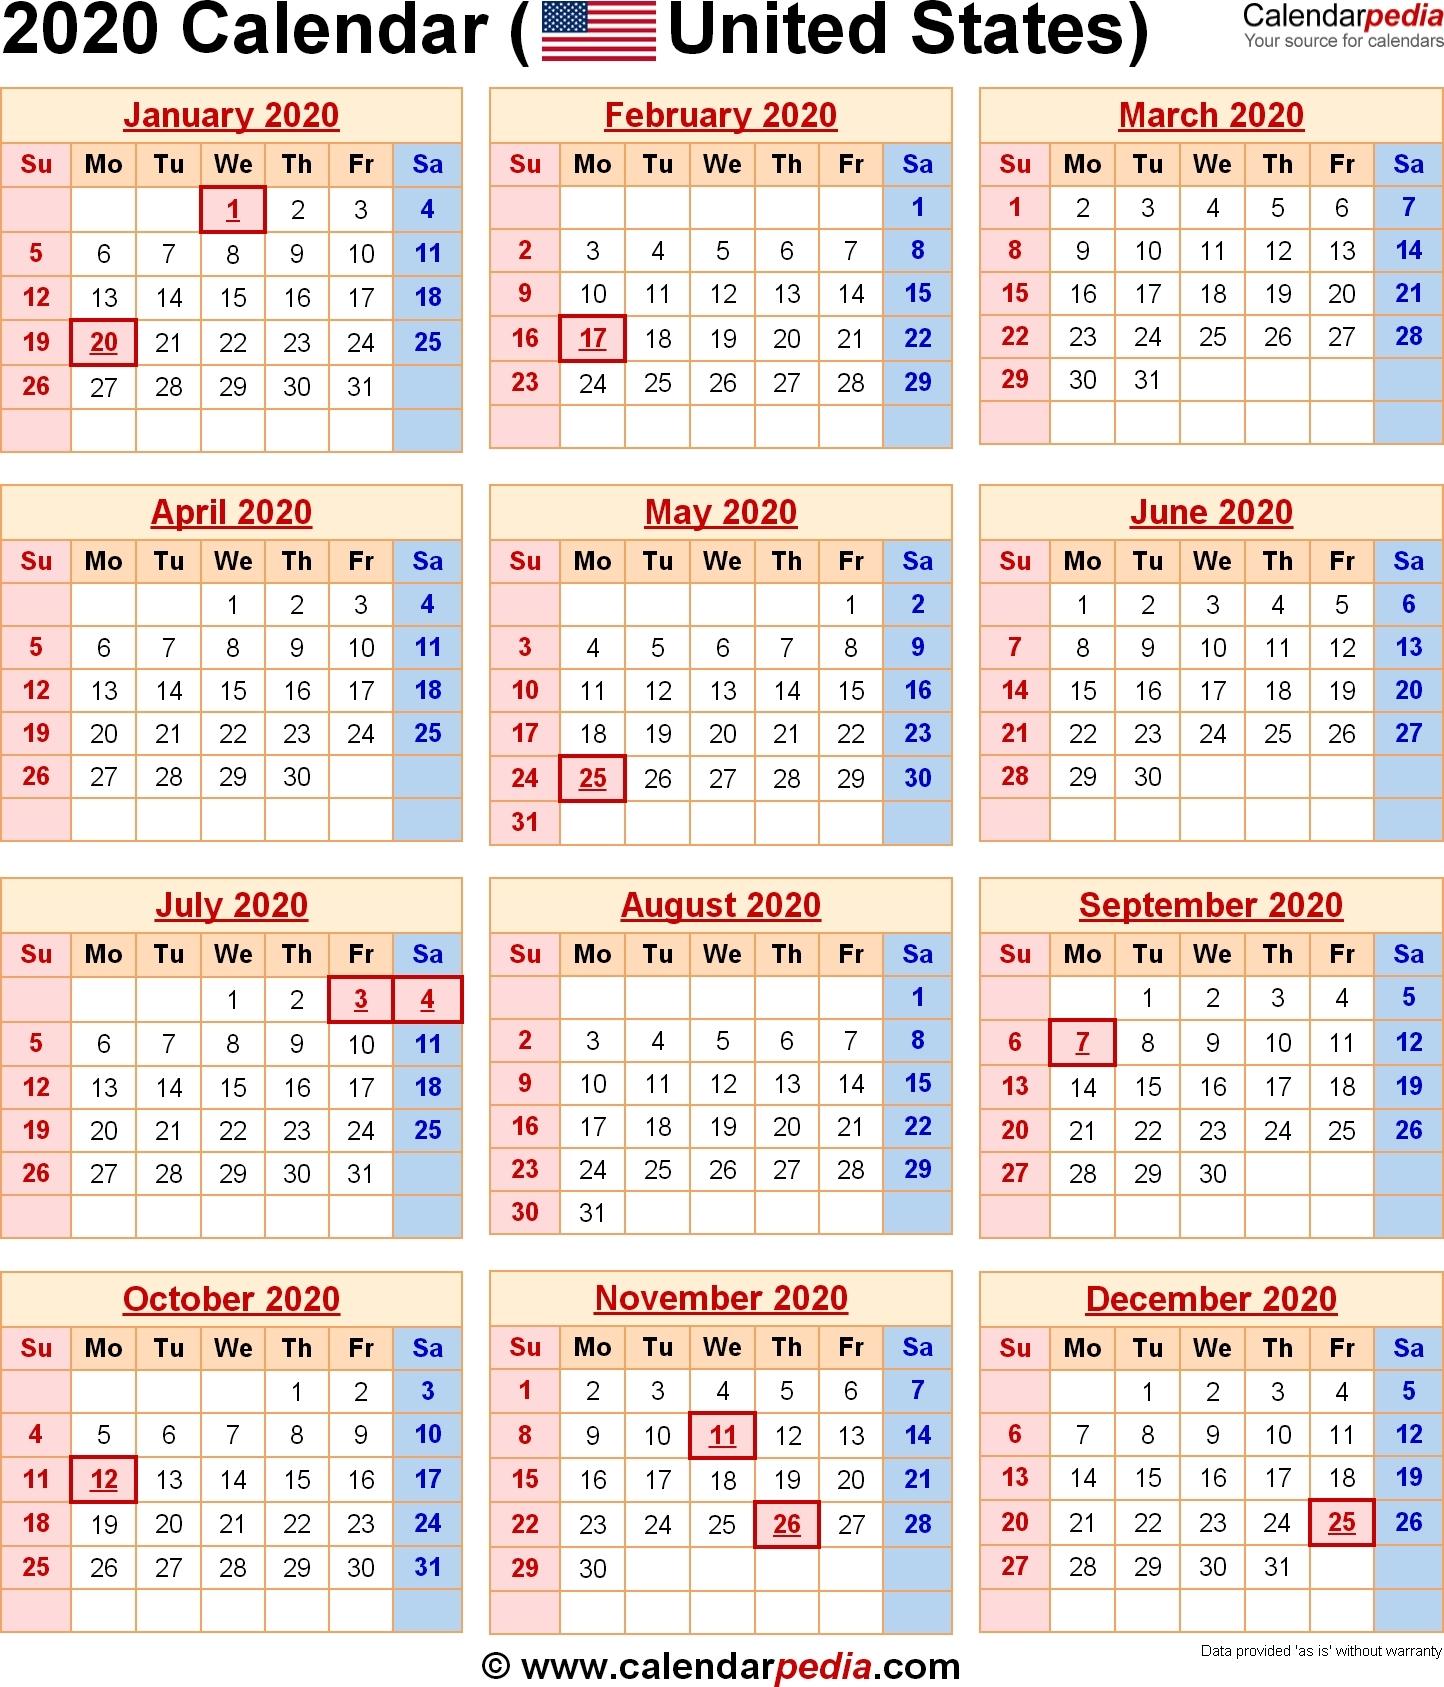 Incredible 2020 Holiday Calendar Us • Printable Blank-Calendar 2020 Holidays Us